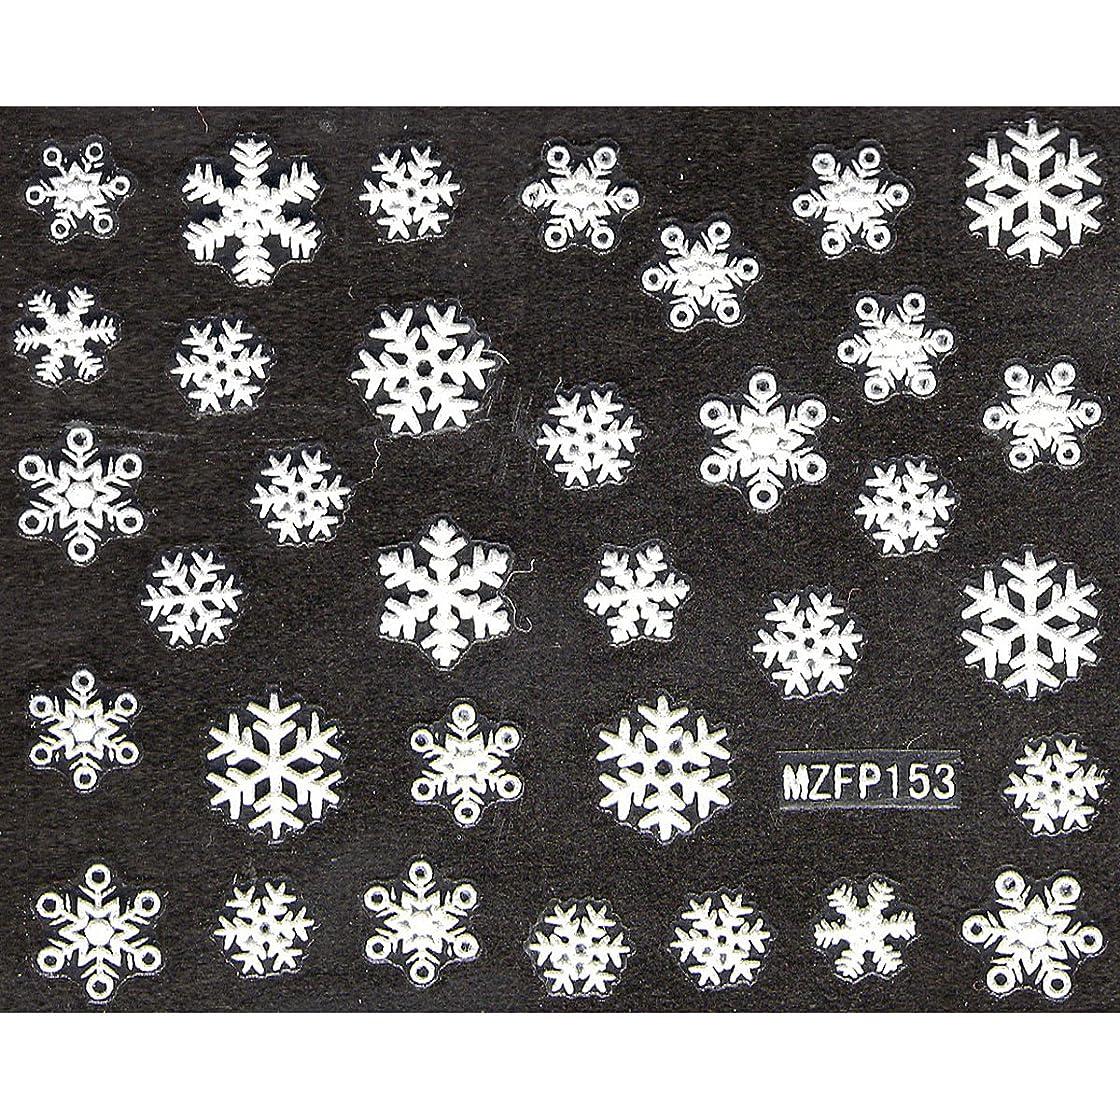 ドア委任するヒントネイルシール 雪の結晶 選べる24種類 (Sa-09)